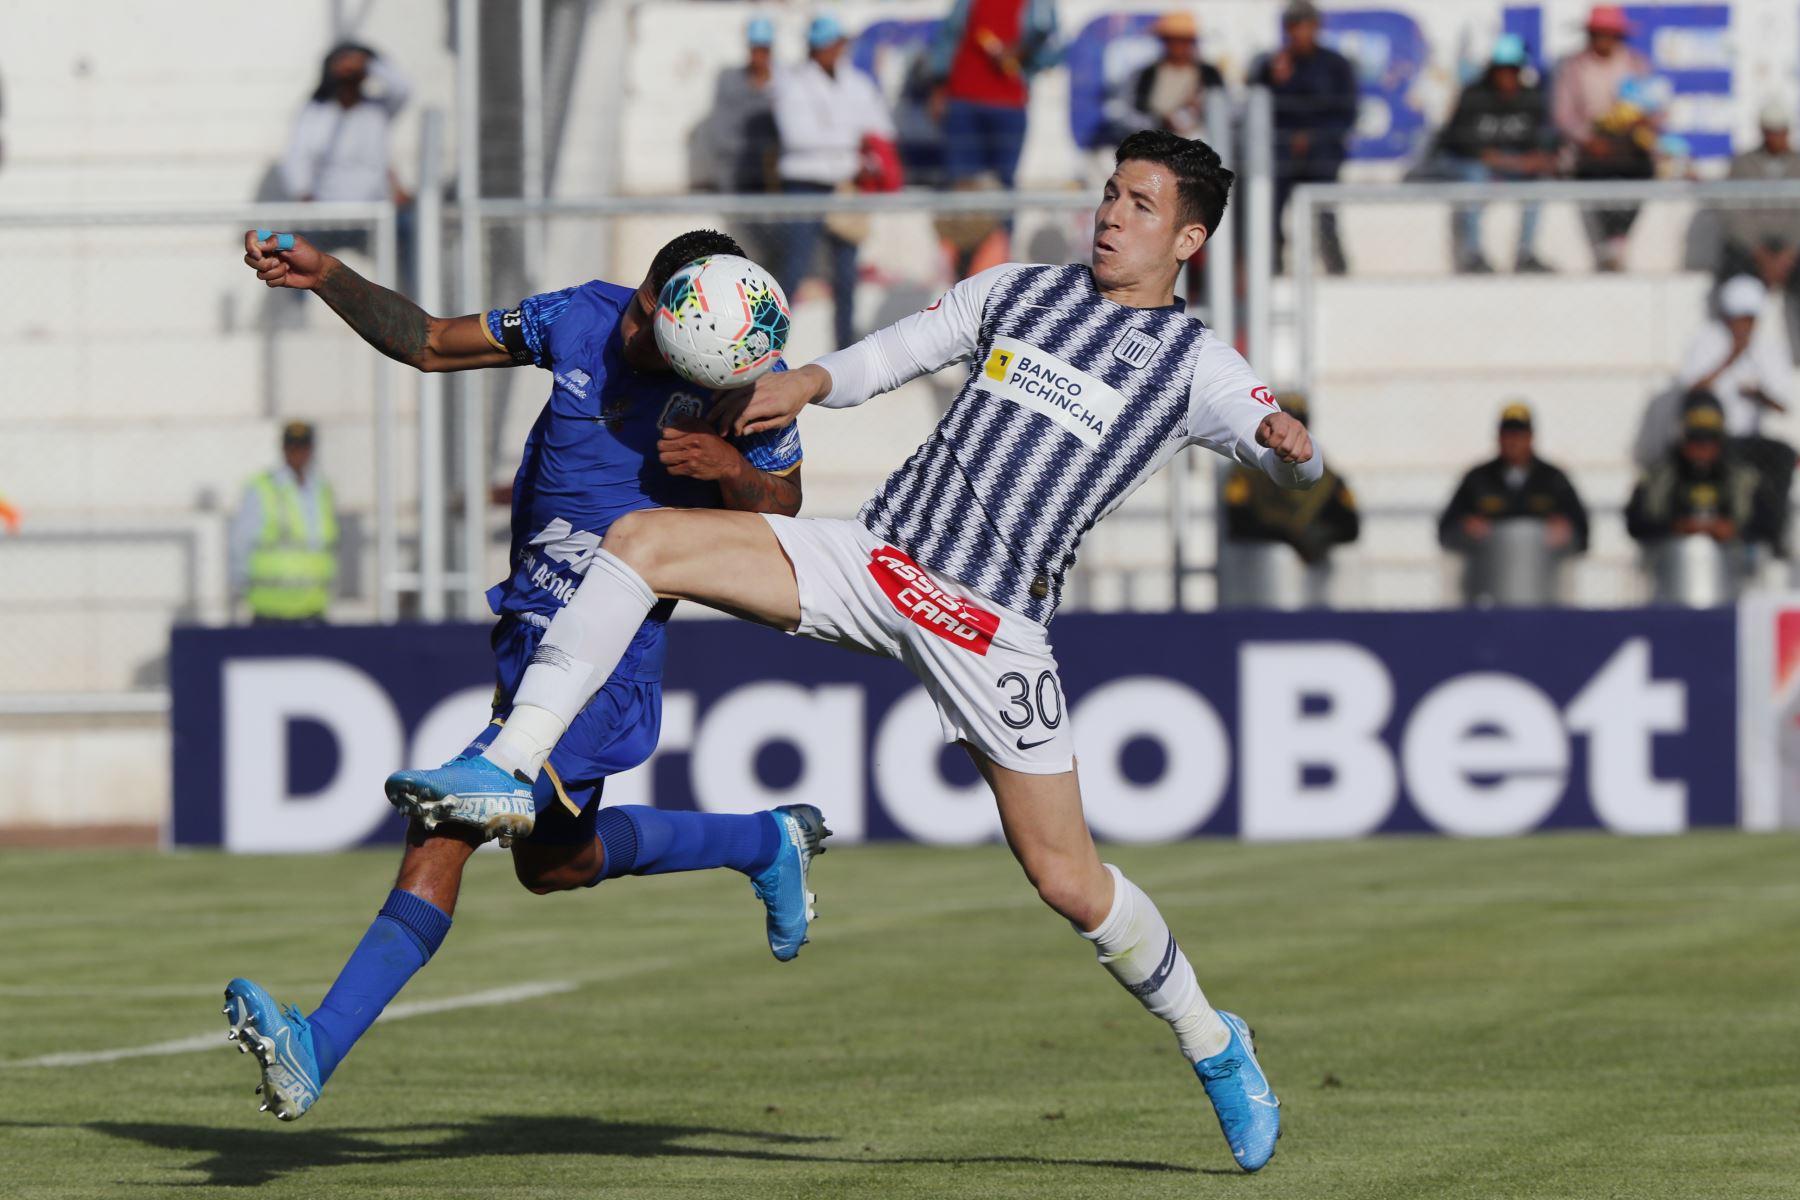 Adrián Ugarriza de Alianza Lima disputa el balón ante el jugador del Binacional en el partido de ida en la final del fútbol peruano por la Liga 1, en la ciudad de Juliaca – Puno. Foto: ANDINA/Carlos Lezama